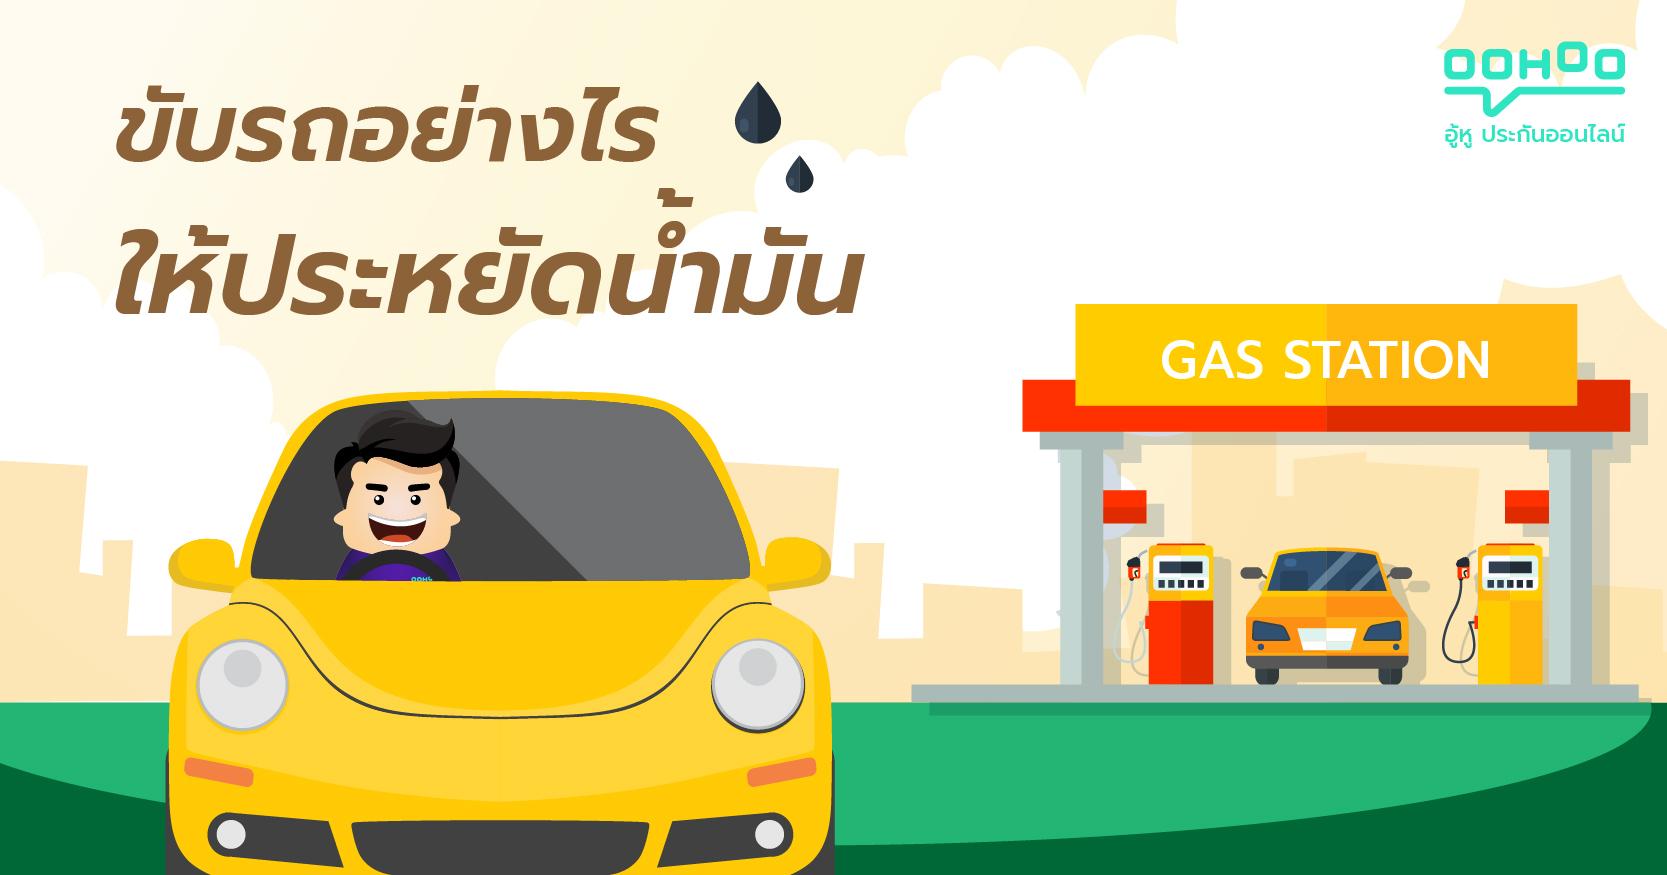 ขับรถยังไงให้ประหยัดน้ำมัน